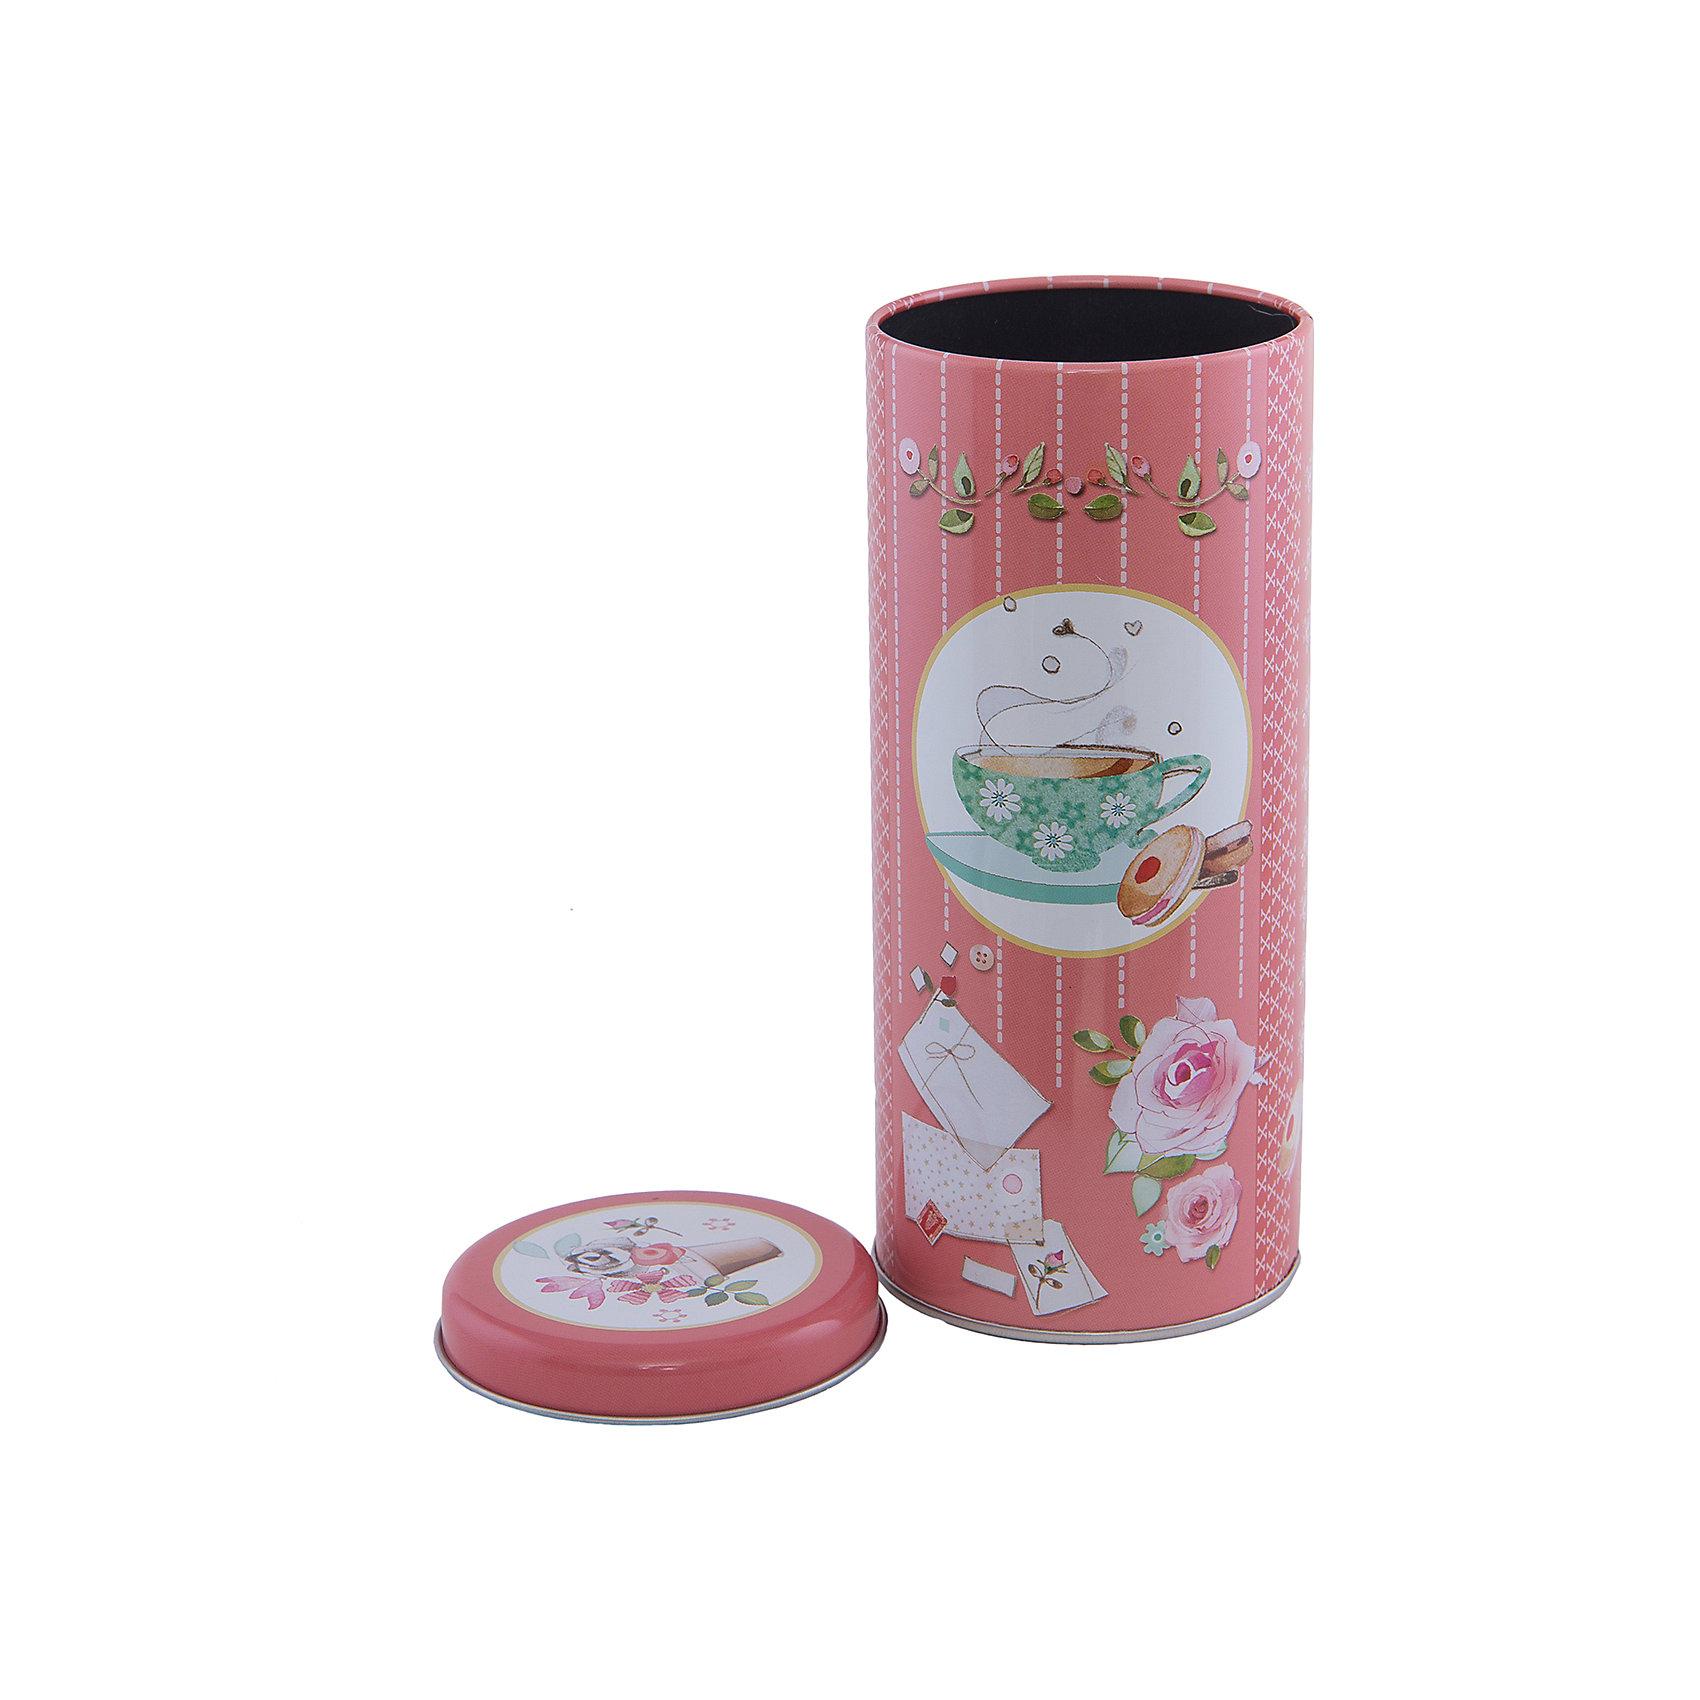 Феникс-Презент Емкость для сыпучих продуктов Ромашковый чай 800мл, Феникс-Презент